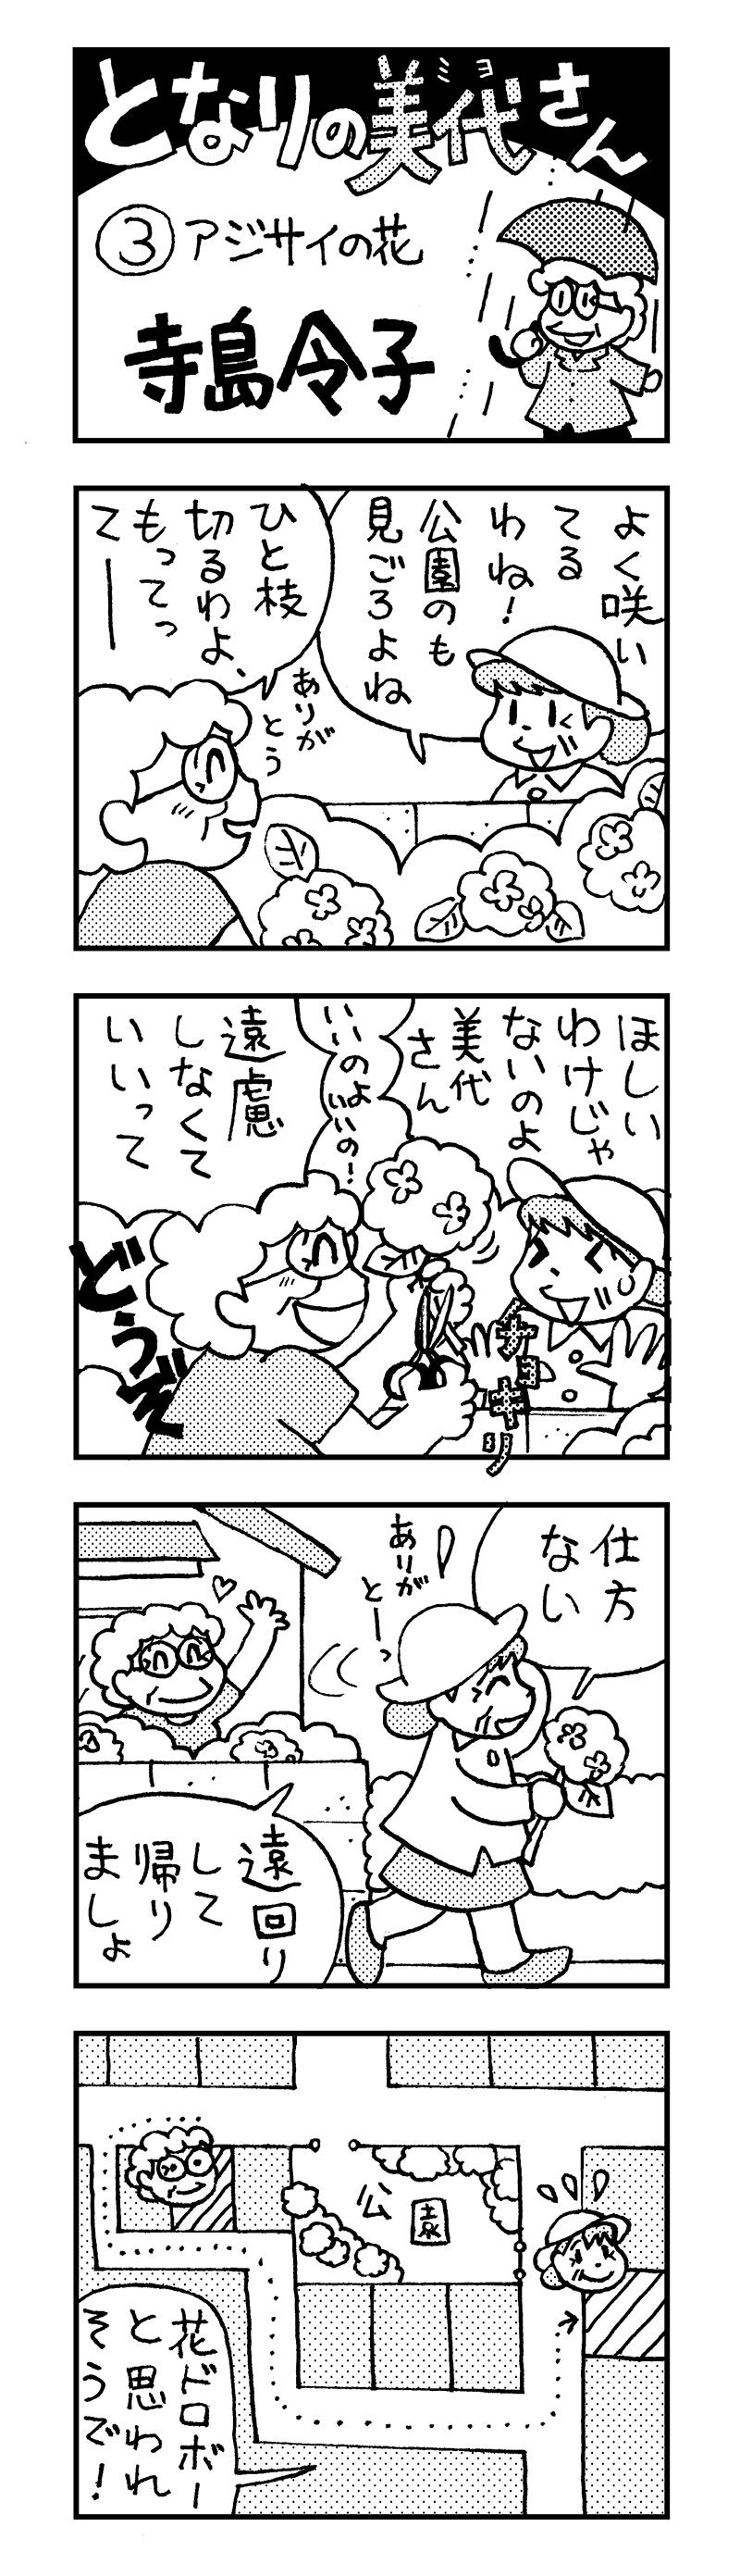 日本薬師堂会報誌掲載4コマ漫画 第3弾[画像1]